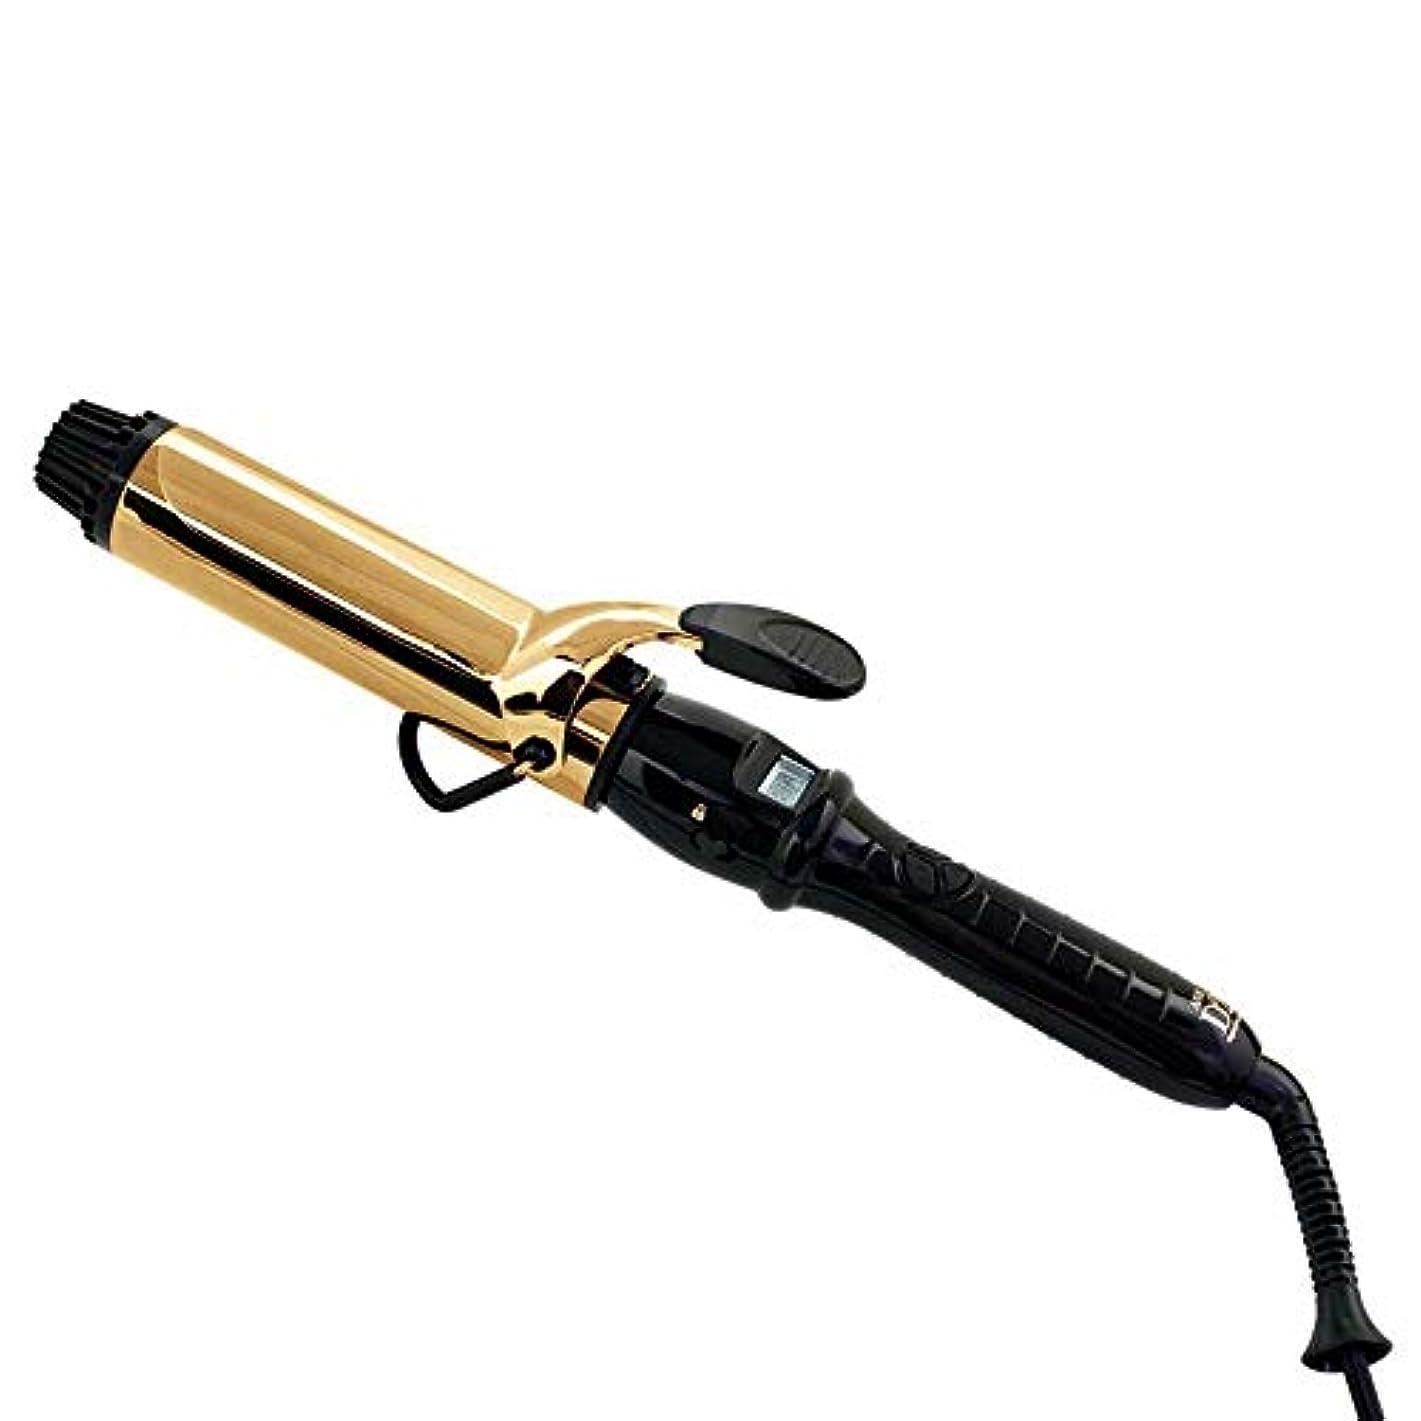 露手錠有効化トリコインダストリーズ AIVIL(アイビル) D2アイロン ゴールドバレル 32mm